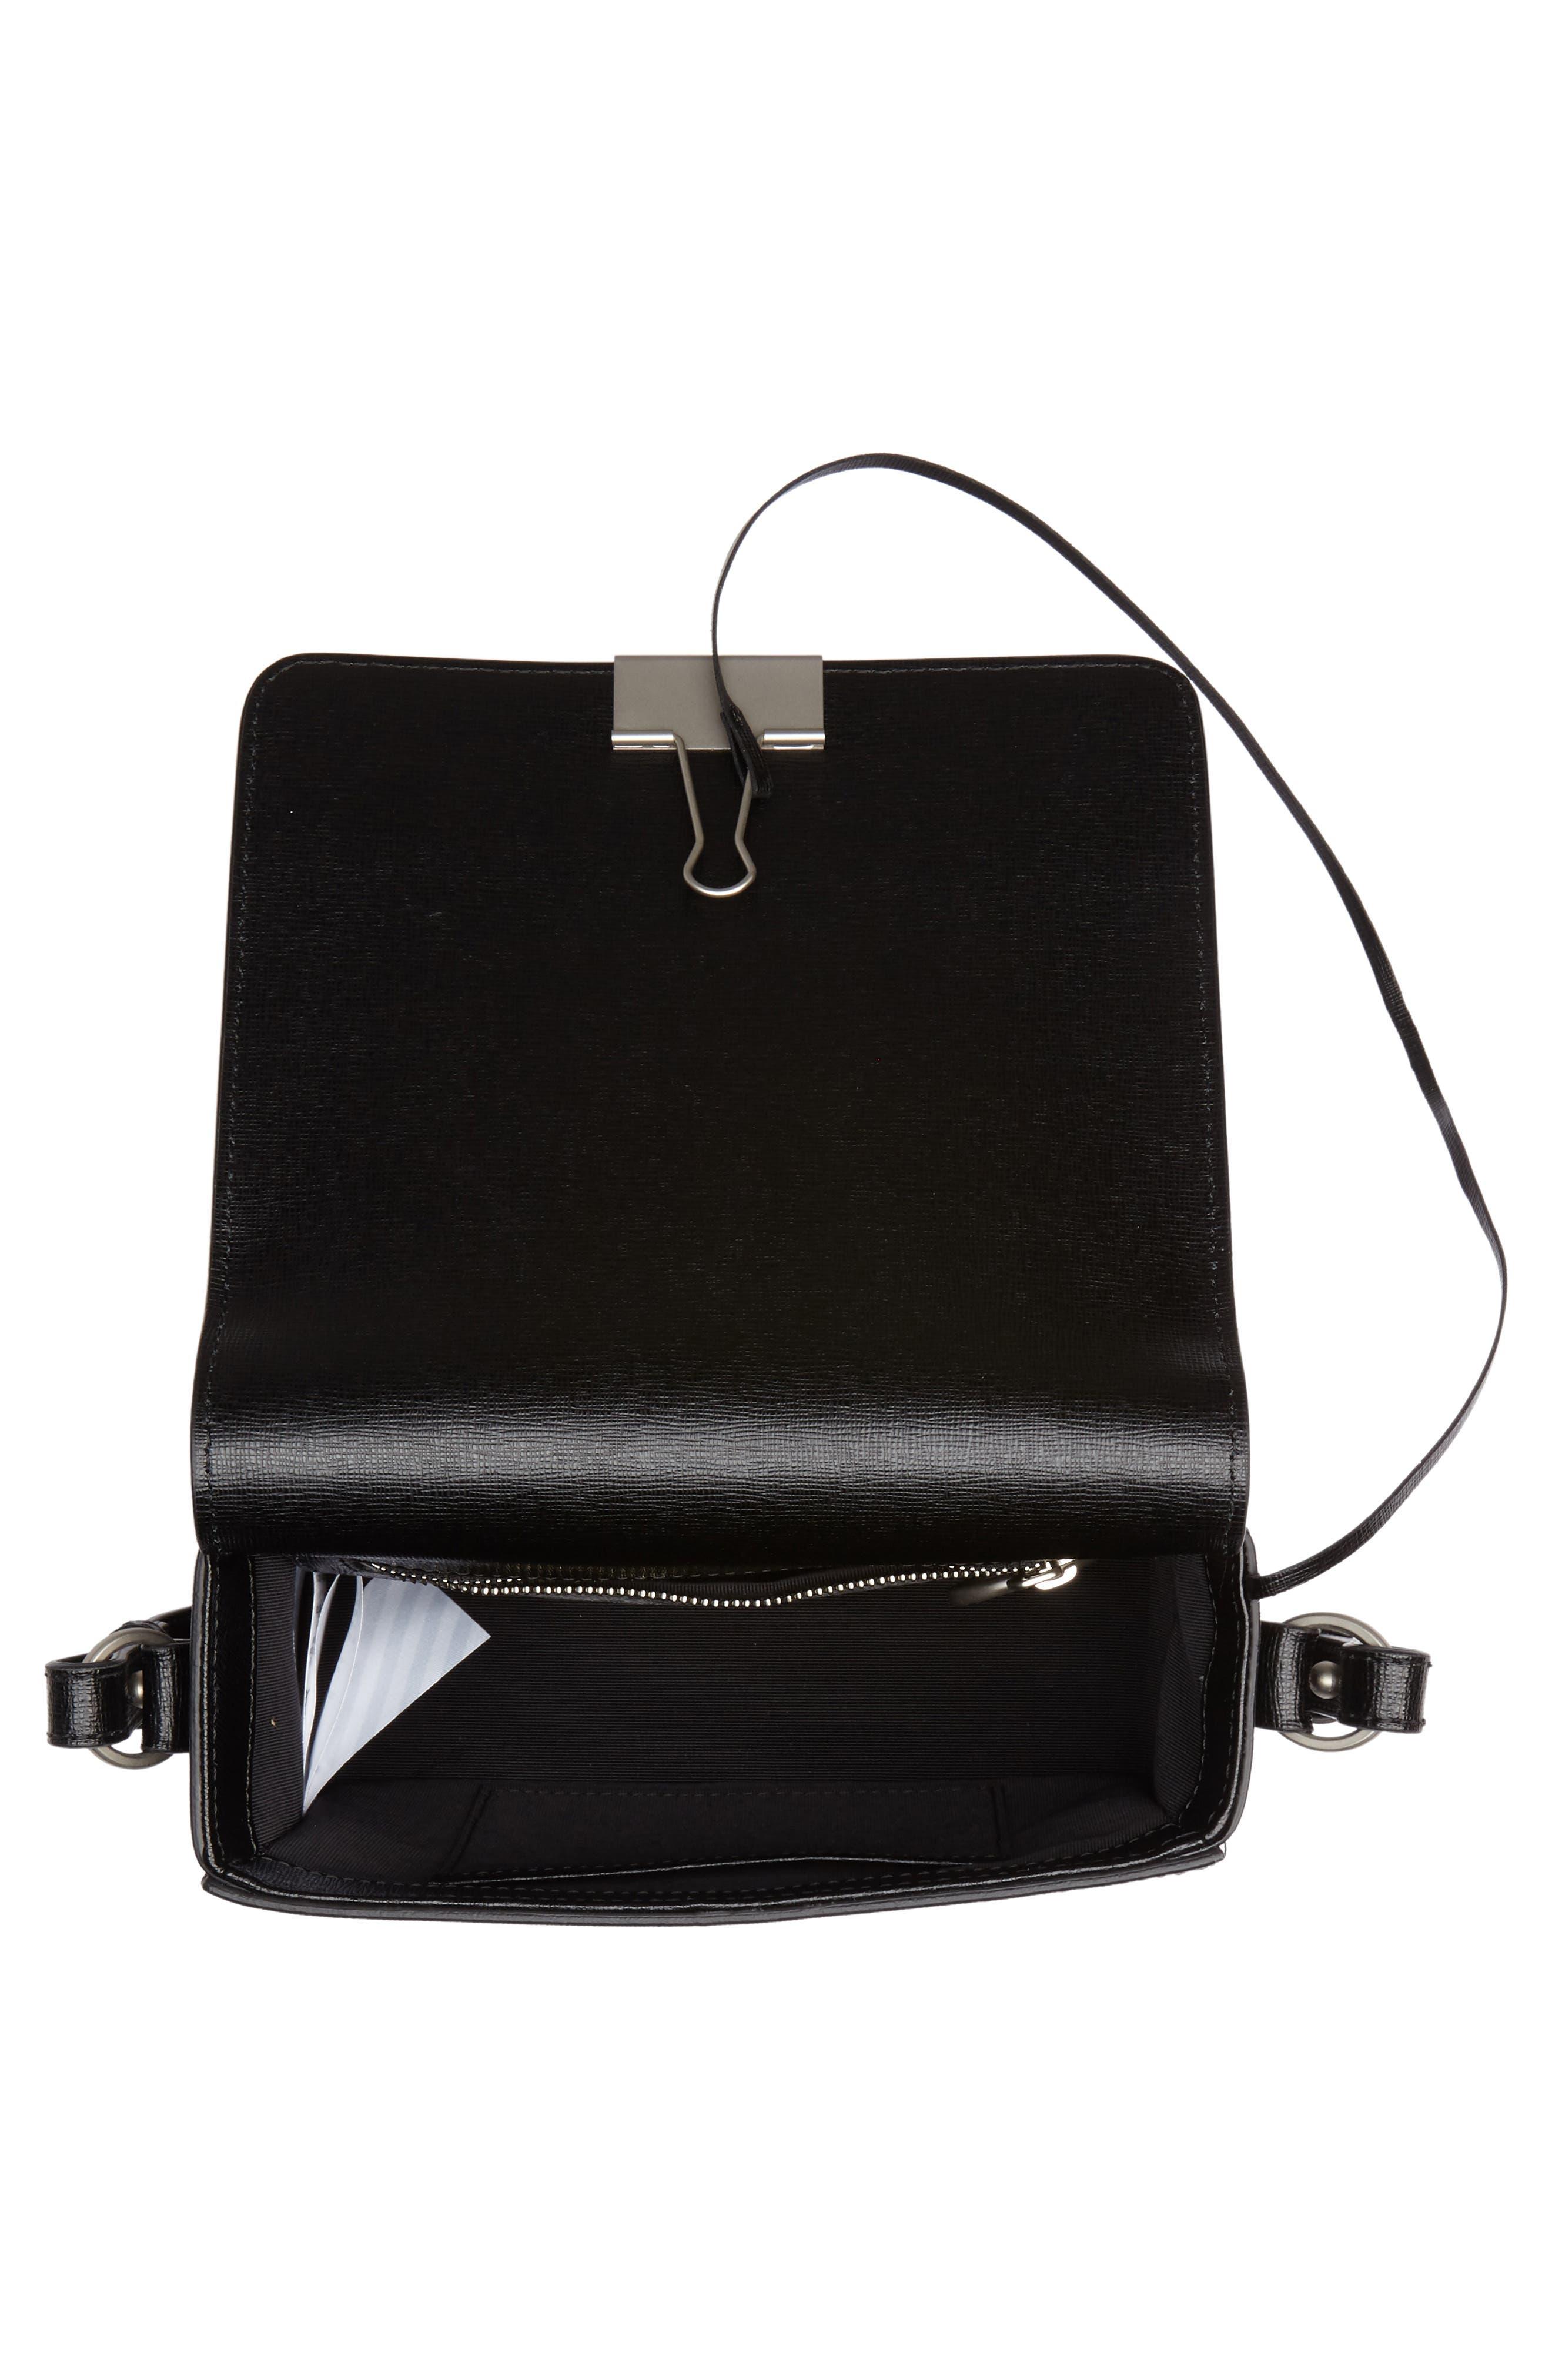 Virgil Was Here Binder Clip Leather Shoulder Bag,                             Alternate thumbnail 5, color,                             Black White